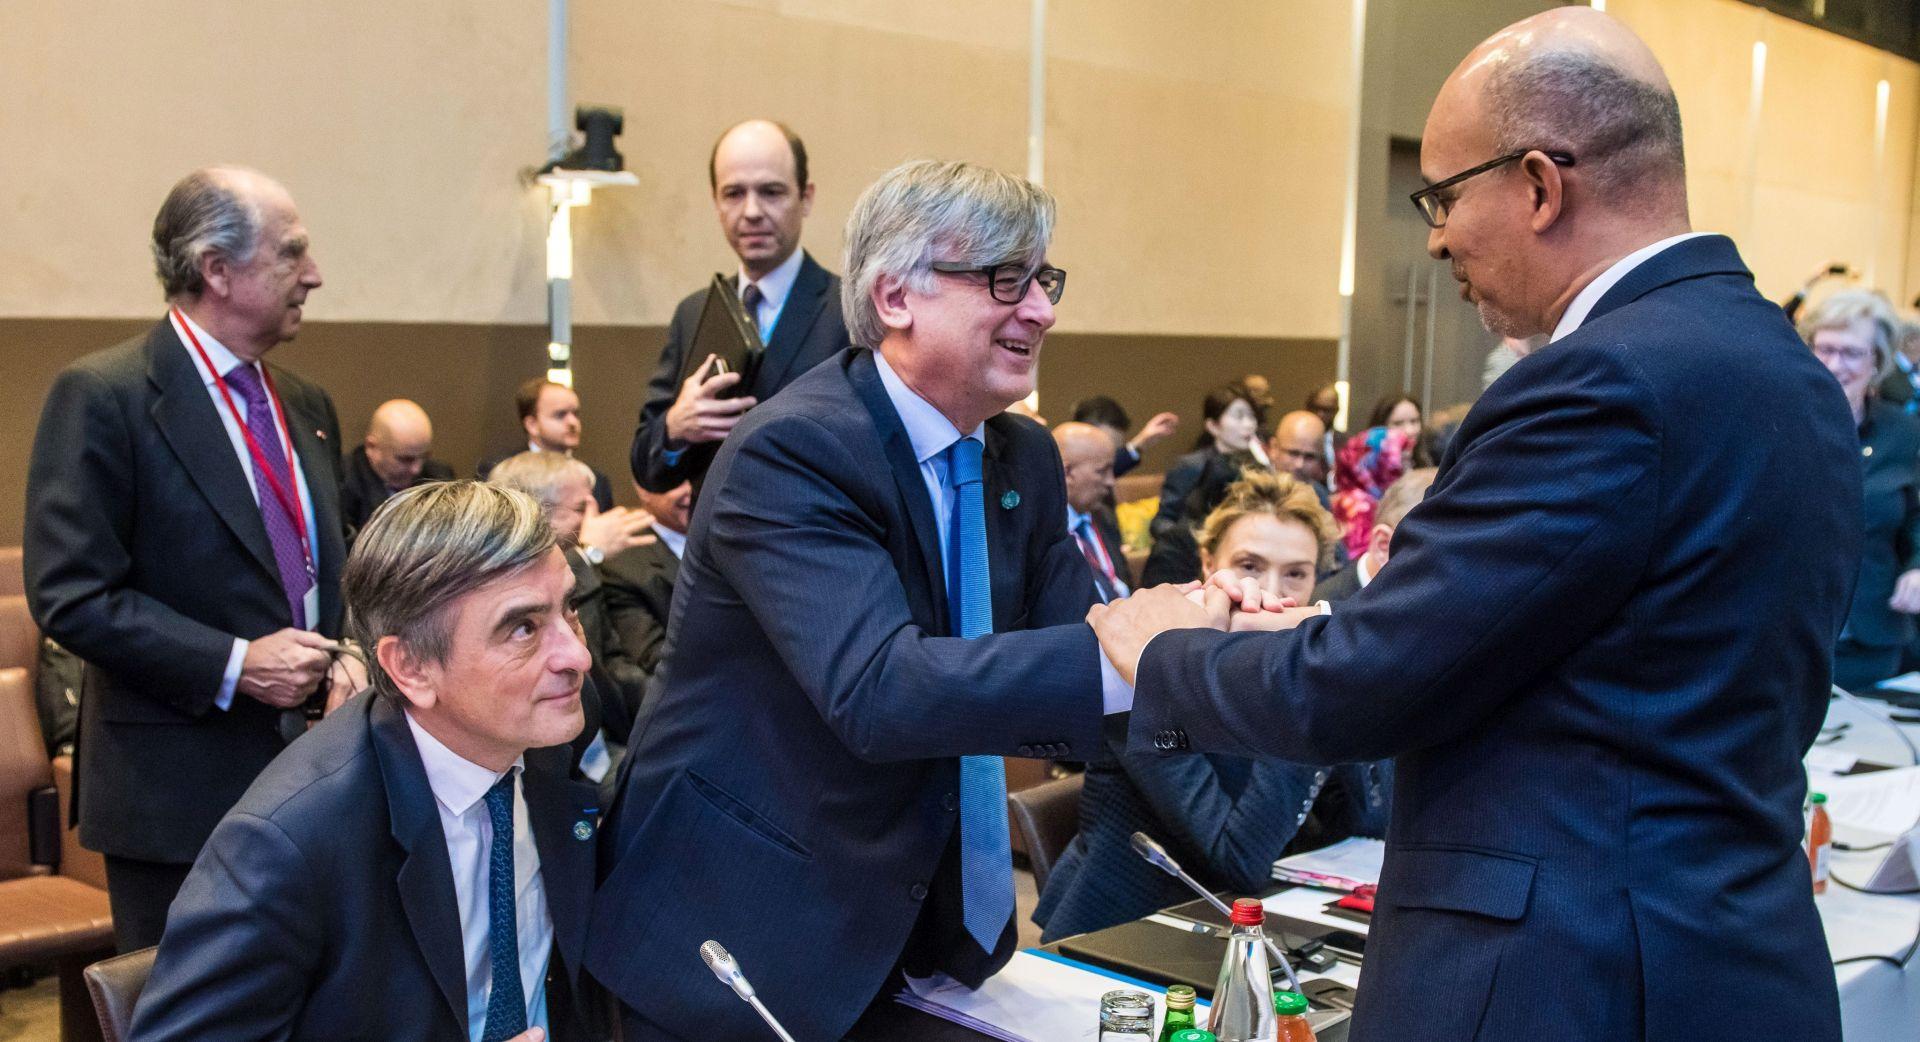 Palestinci zadovoljni, Izrael kritizira bliskoistočnu mirovnu konferenciju u Parizu